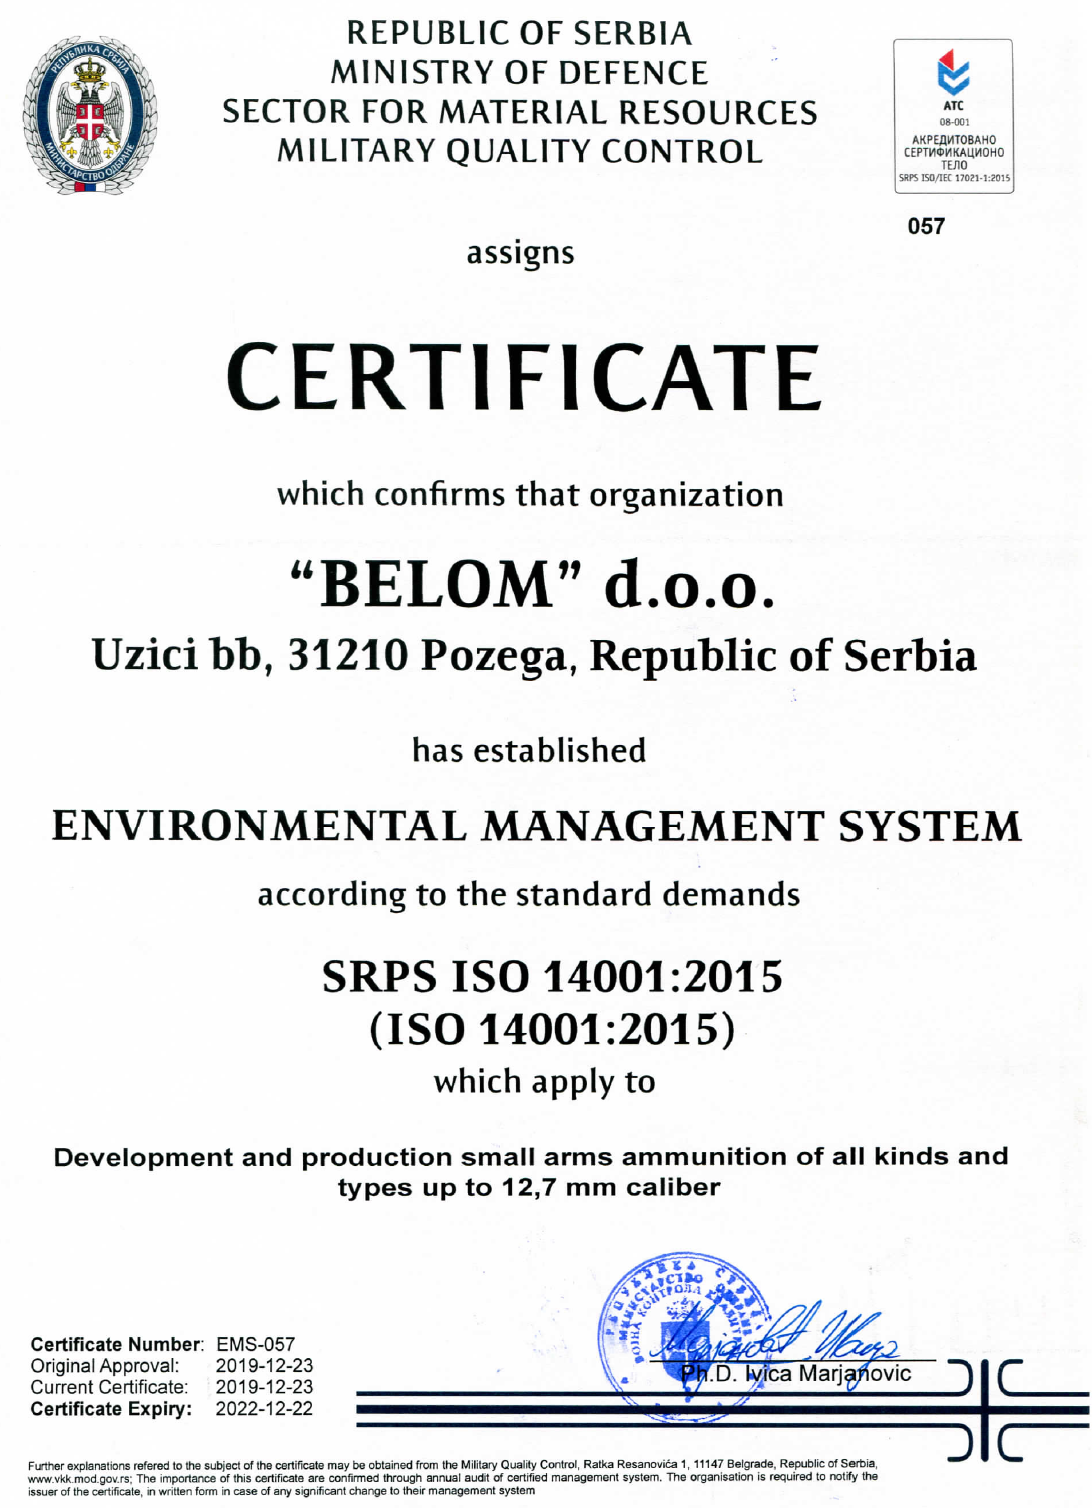 Belom EMS